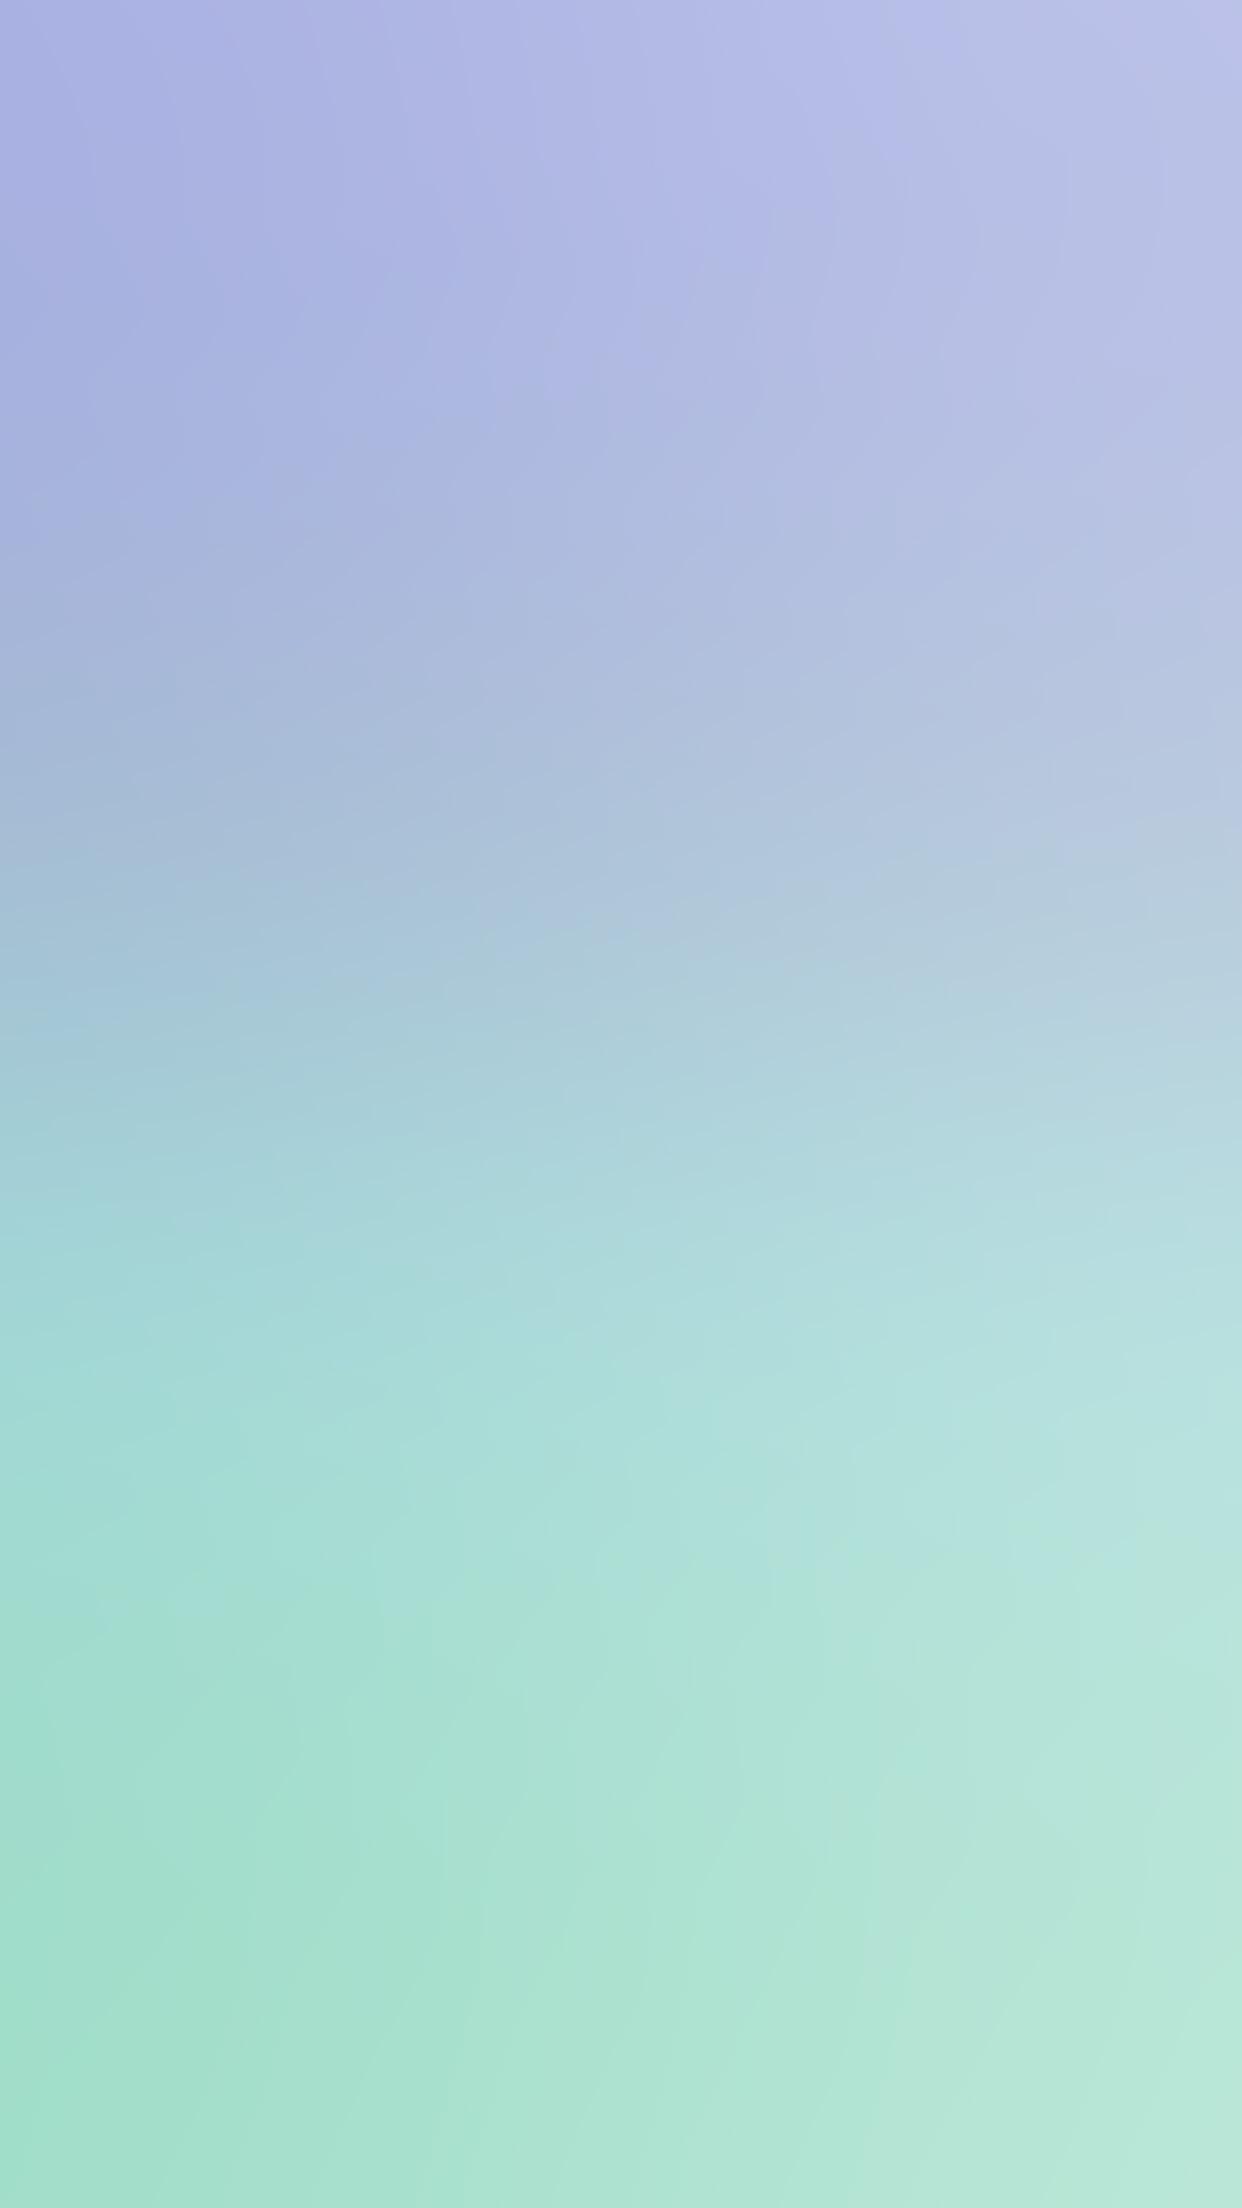 papers.co sm34 neon blue blur gradation 34 iphone6 plus wallpaper